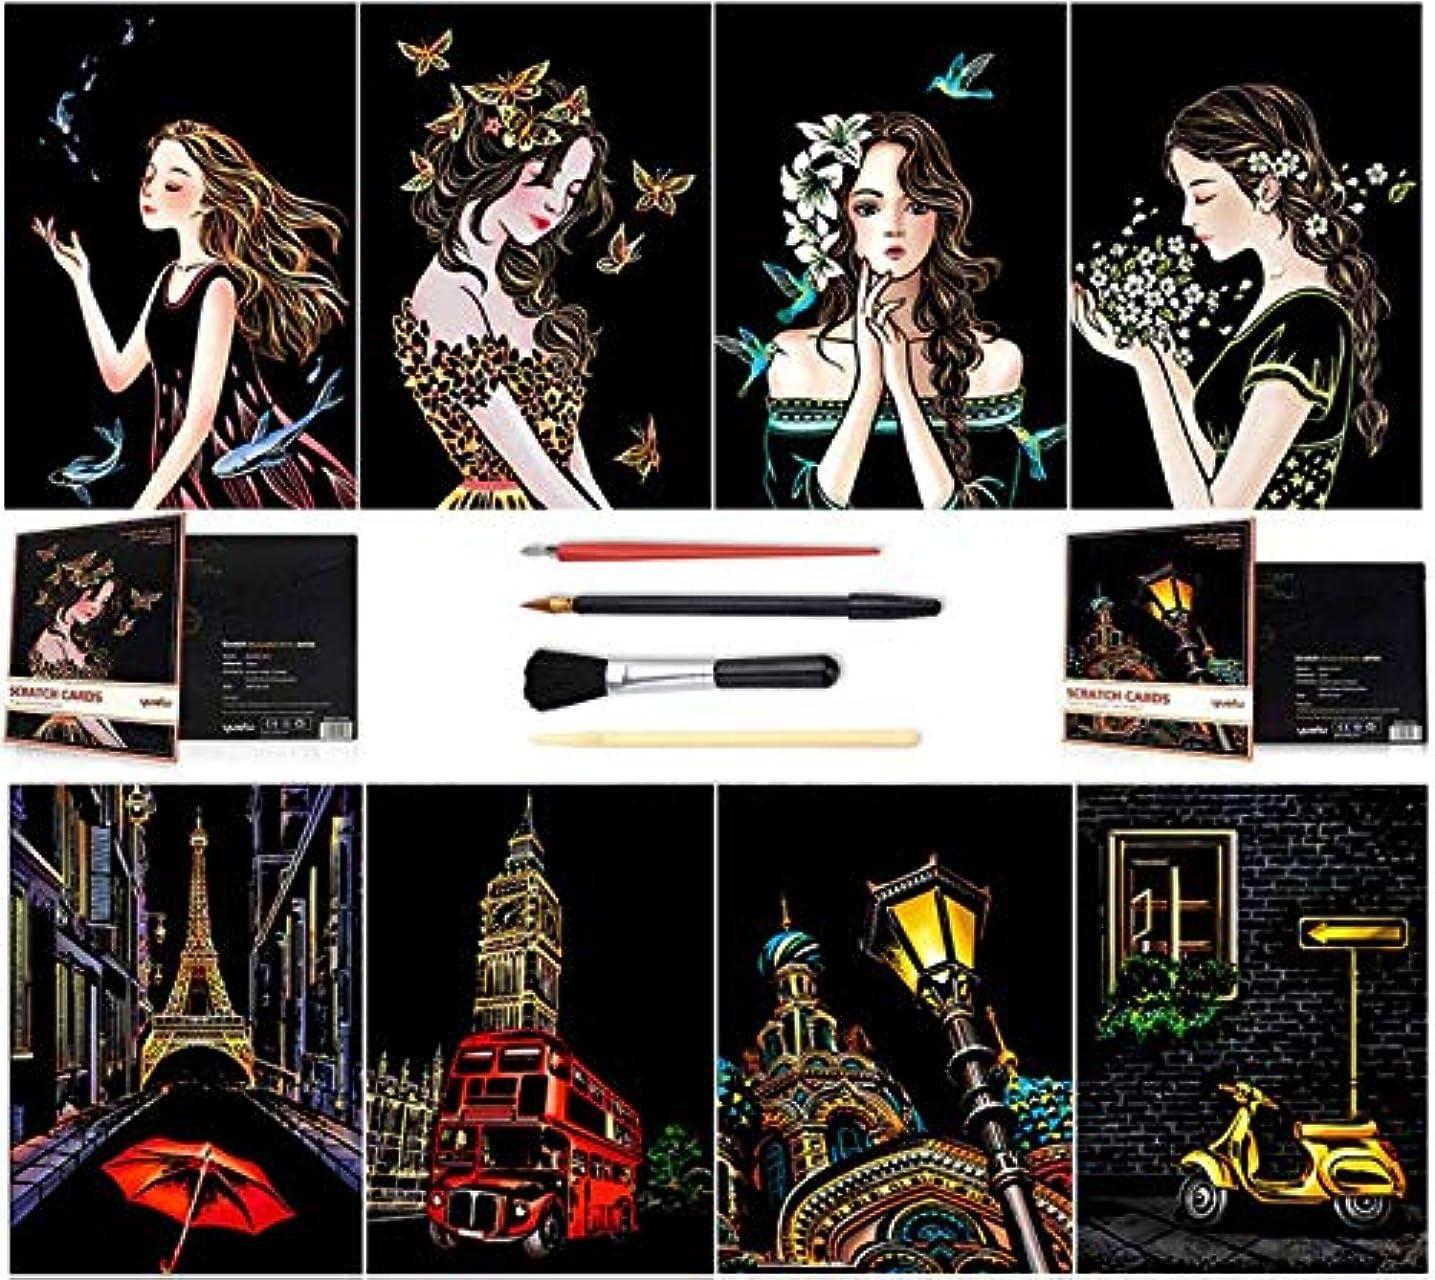 絶滅ジレンマ発見Scratch&Sketch Art Paper Handmade DIY Drawing Picture Wall Painting Scratch Card